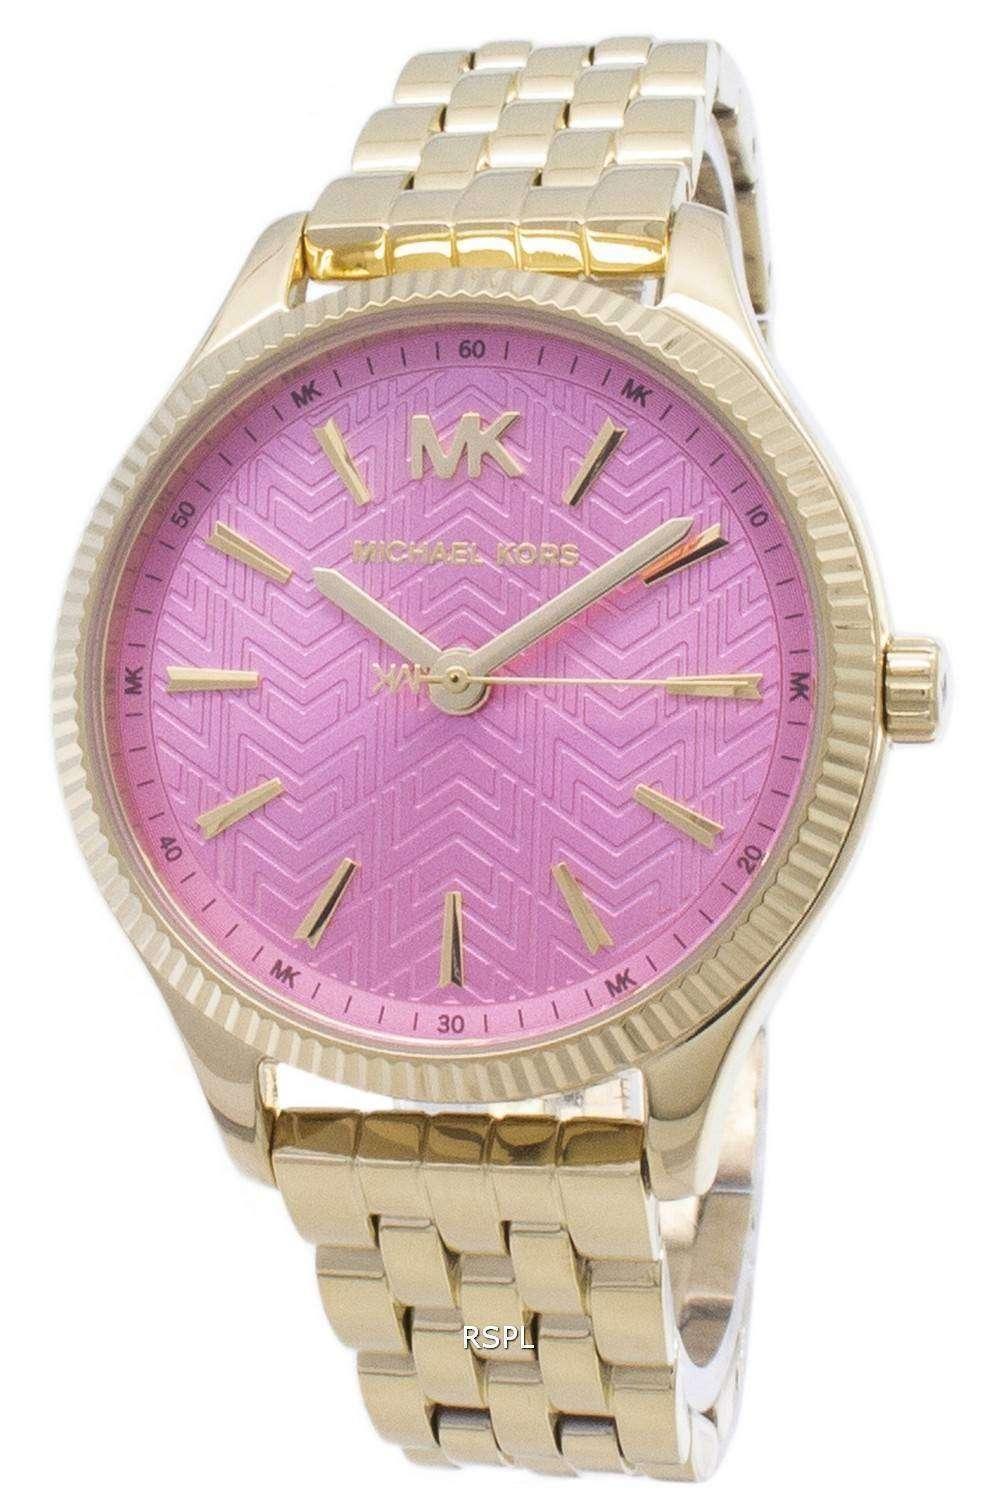 마이클 노스 렉 싱 턴 MK6640 쿼 츠 아날로그 여성용 손목시계